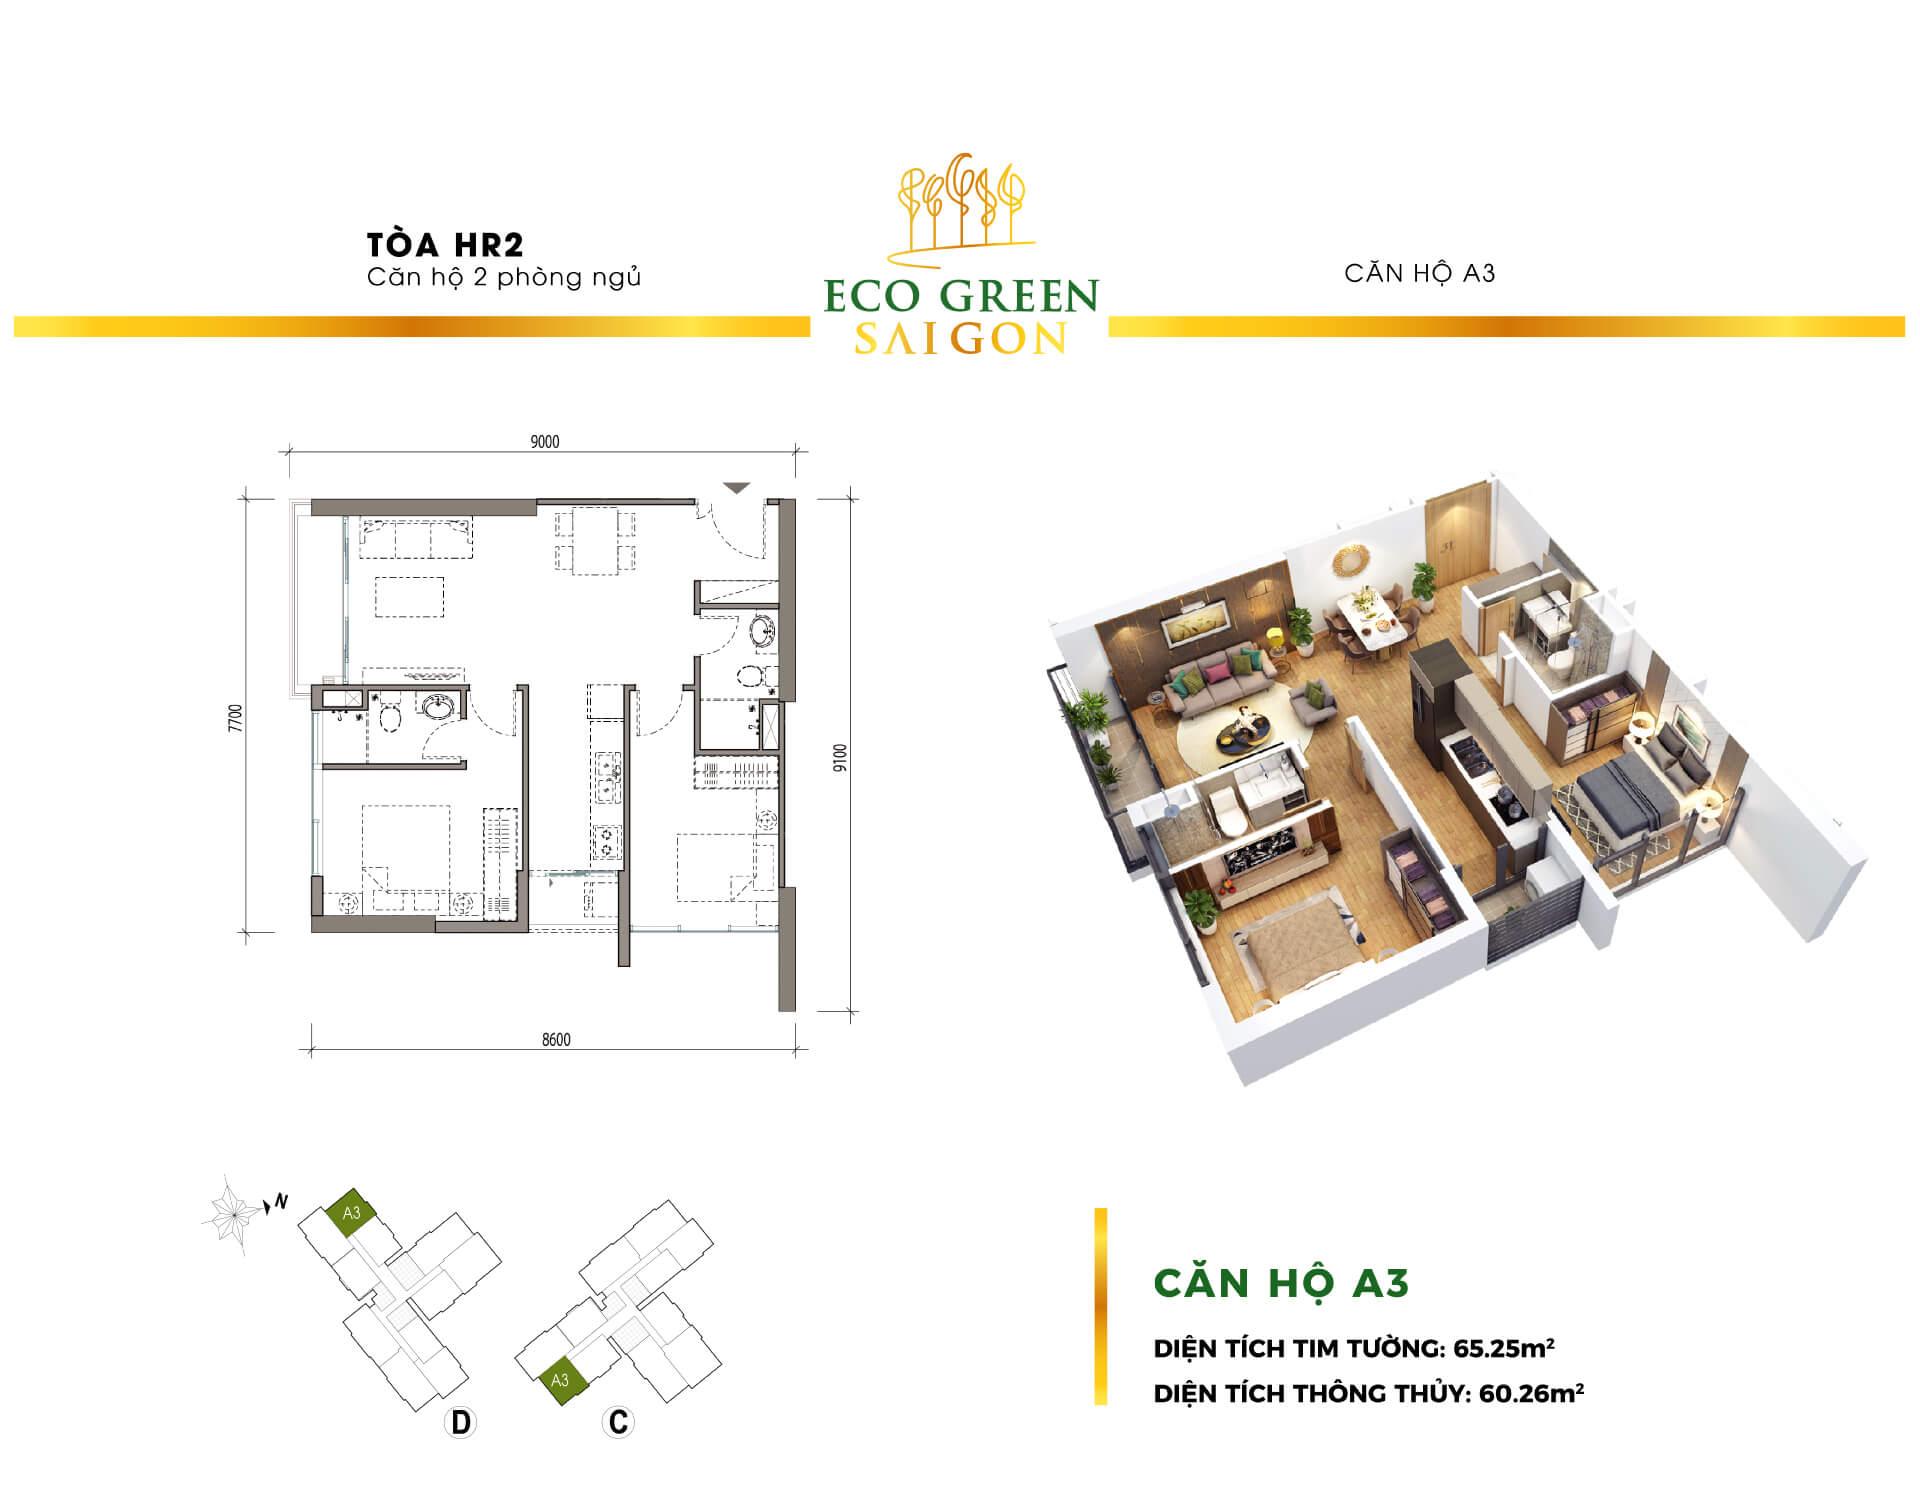 3a-hr2-eco-green-sai-gon